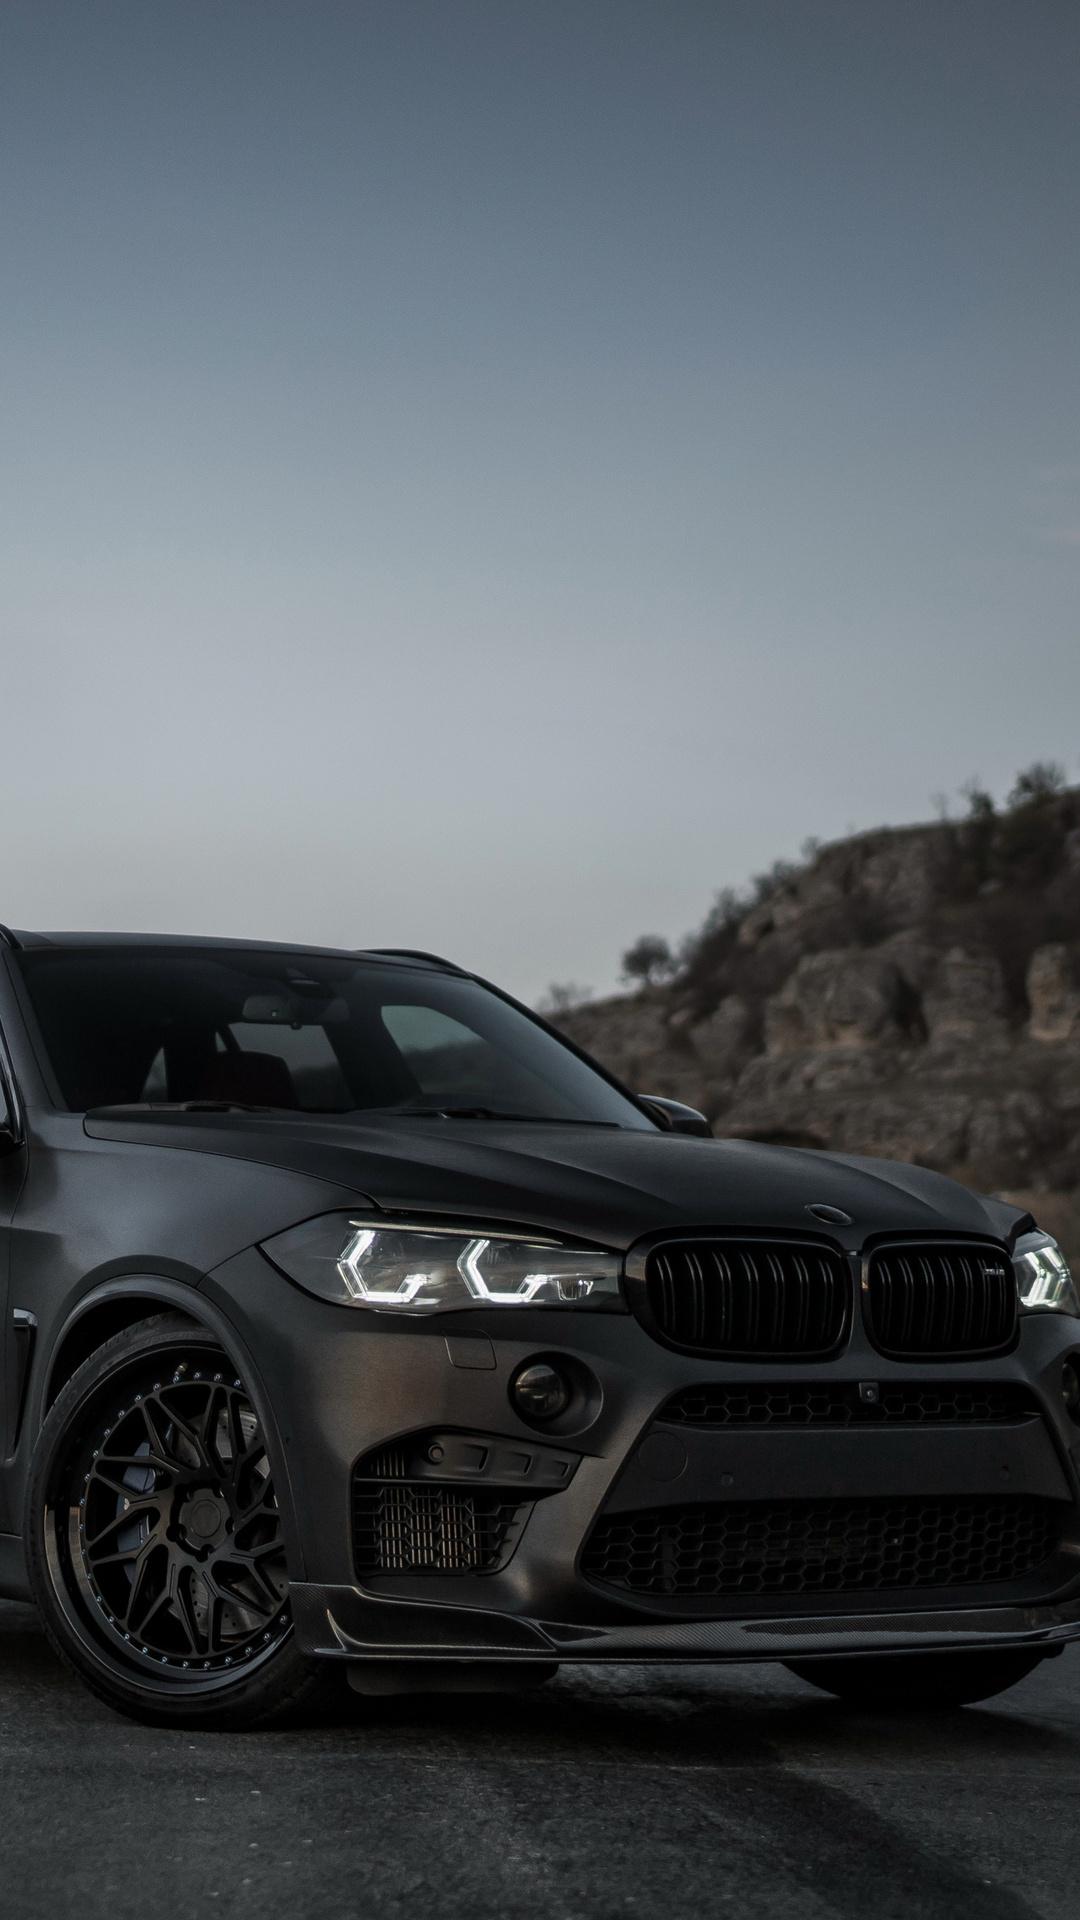 1080x1920 Z Performance BMW X5 2018 4k Iphone 7,6s,6 Plus ...